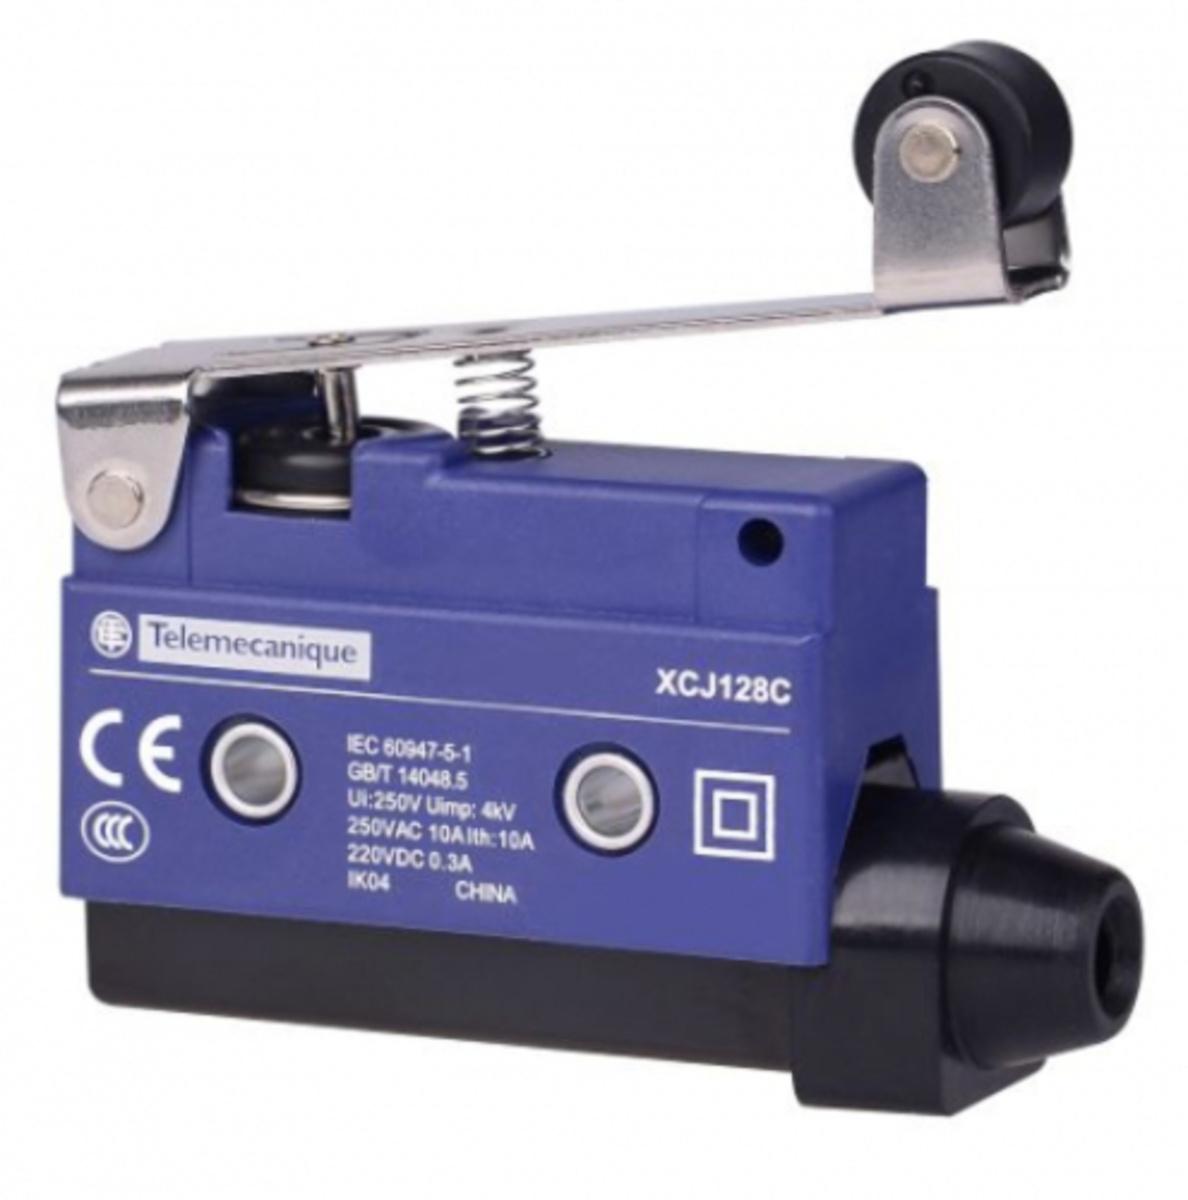 Eletriza - Eletriza Materiais Elétricos, Hidráulicos e Automação Industrial - FIM DE CURSO MINIATURA HASTE LONGA ROLD XCJ128 TELEMECANIQUE